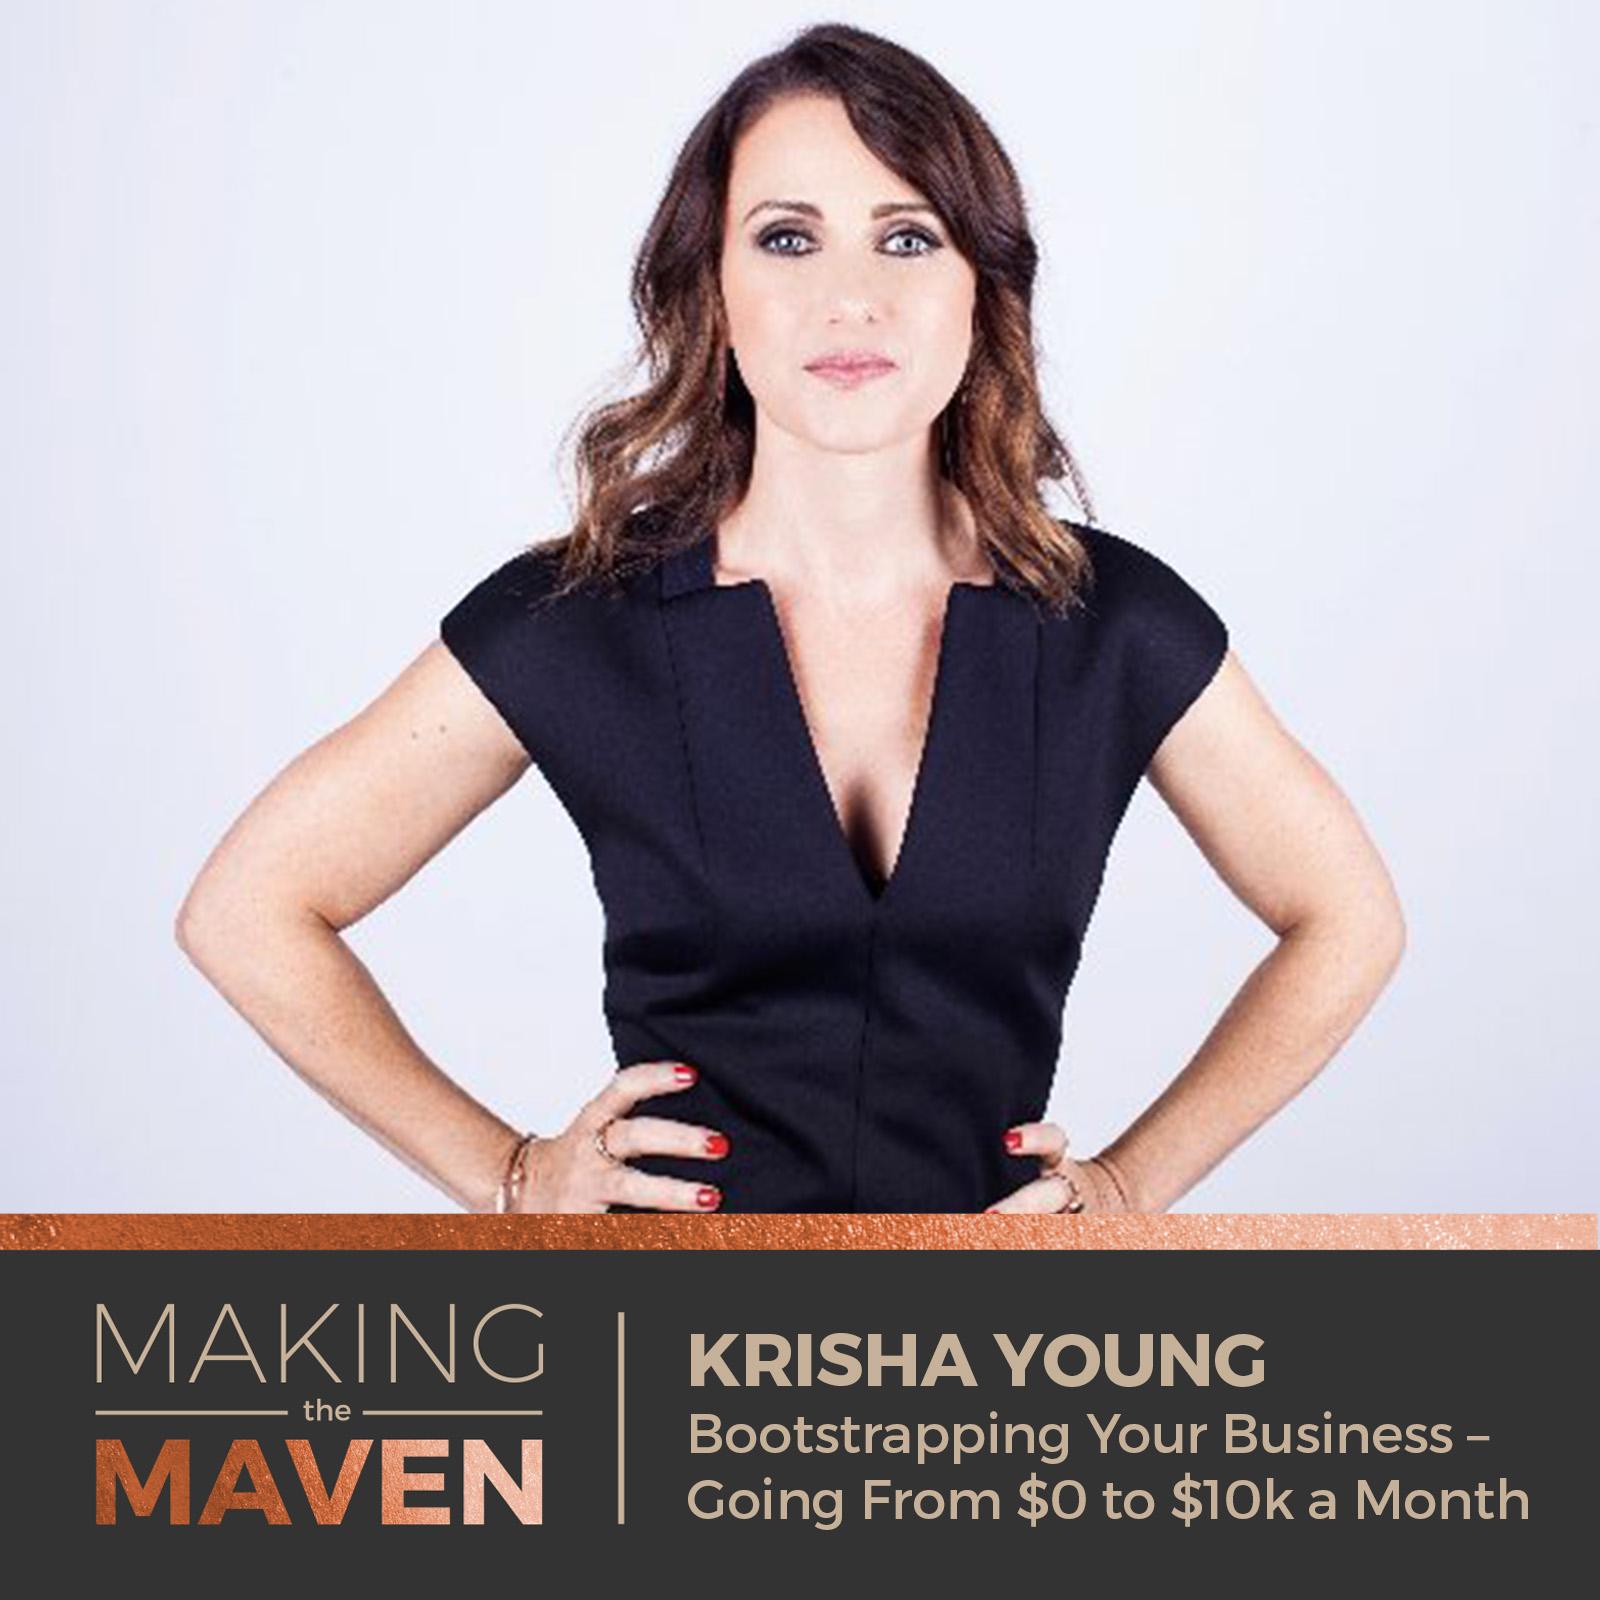 Krisha Young